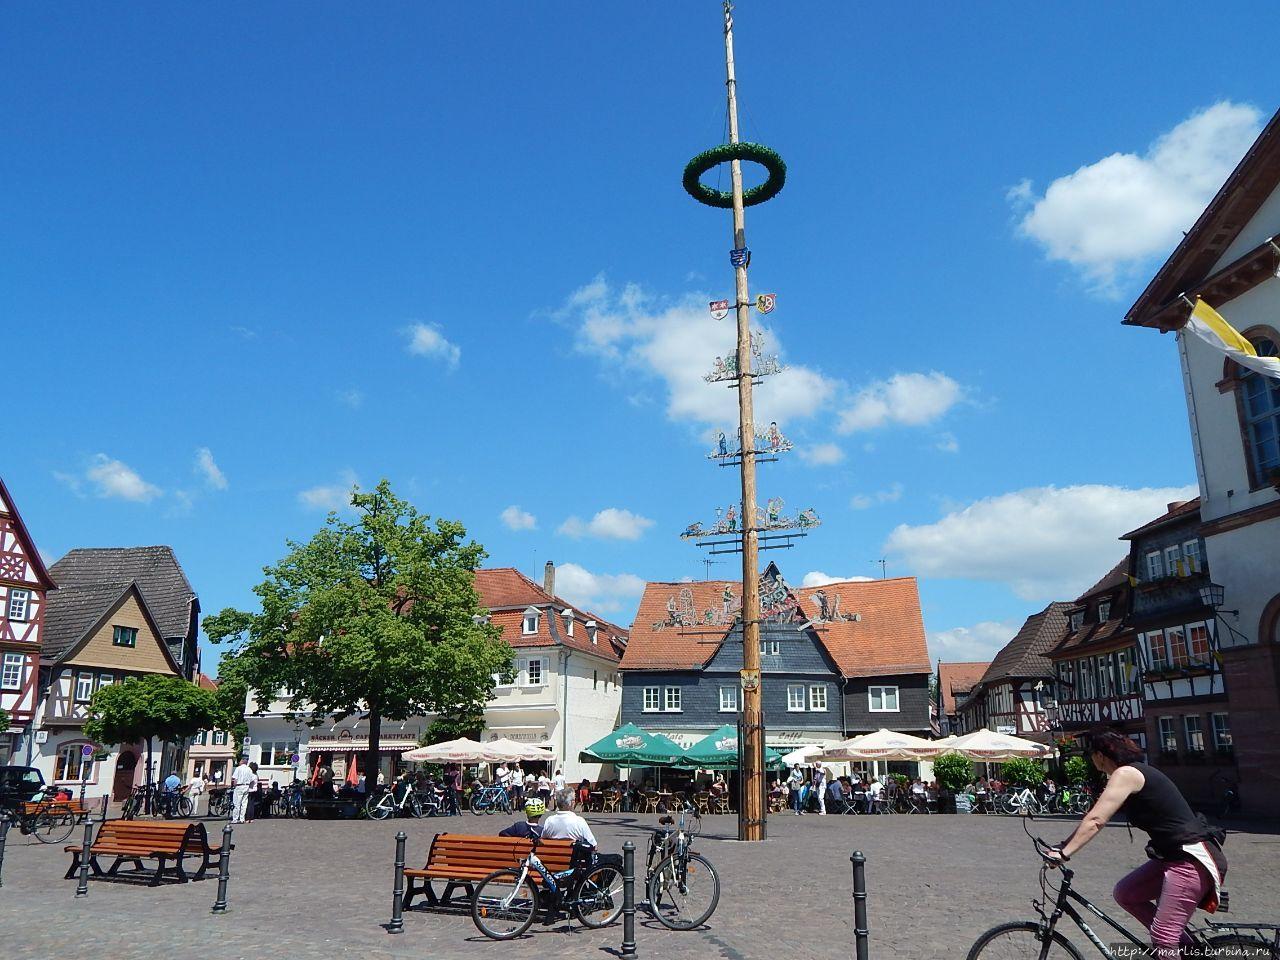 Foto ehrmann in seligenstadt 45